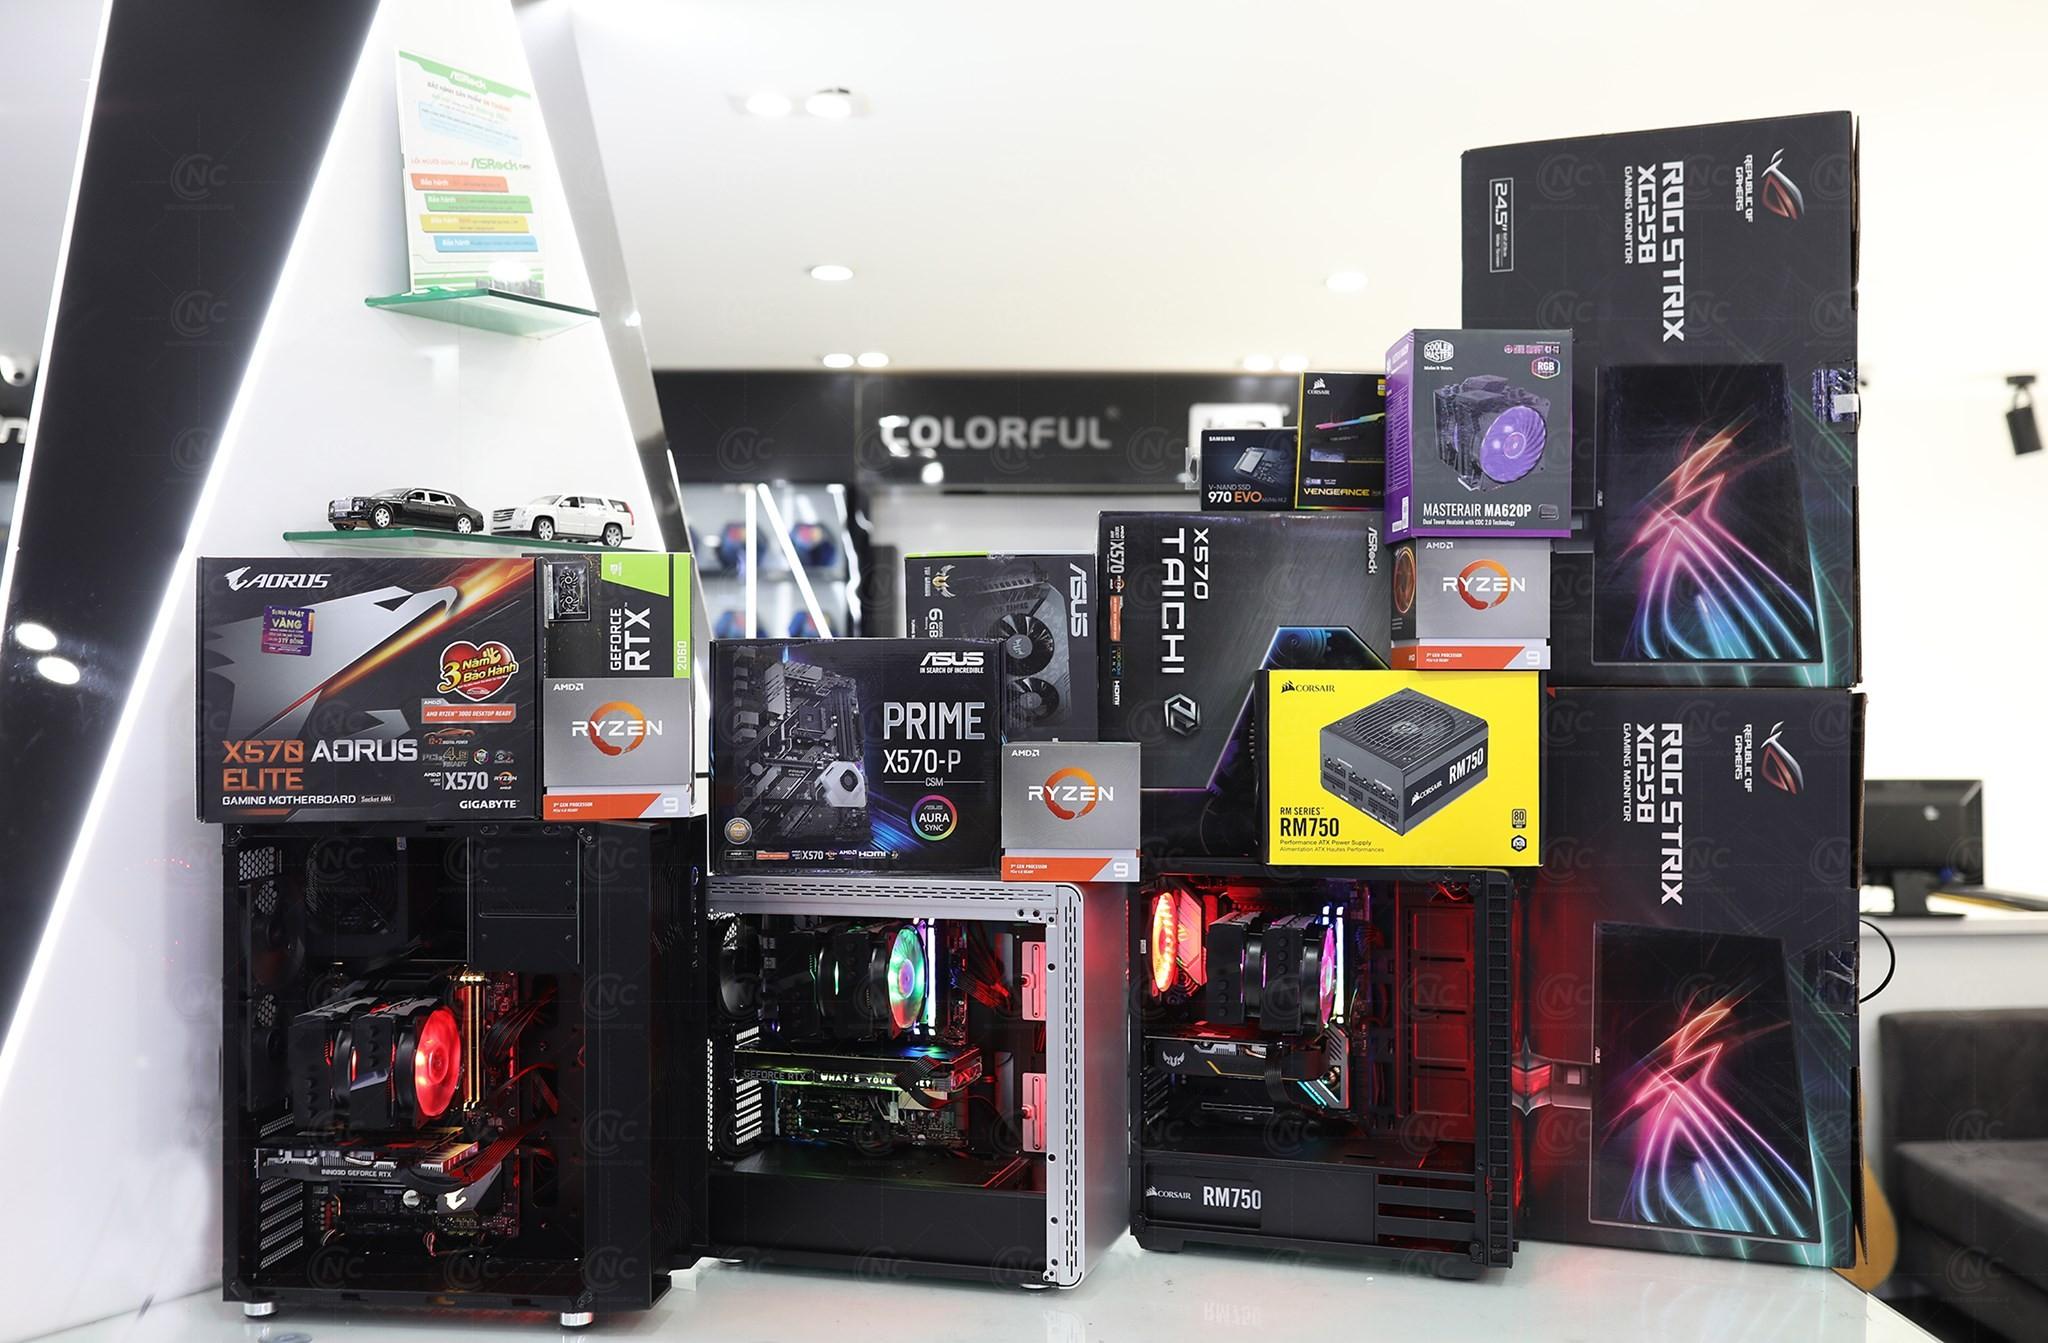 MỘT SỐ CẤU HÌNH ĐƯỢC NGUYỄN CÔNG BUILD BỞI CPU AMD Ryzen 9 3900X